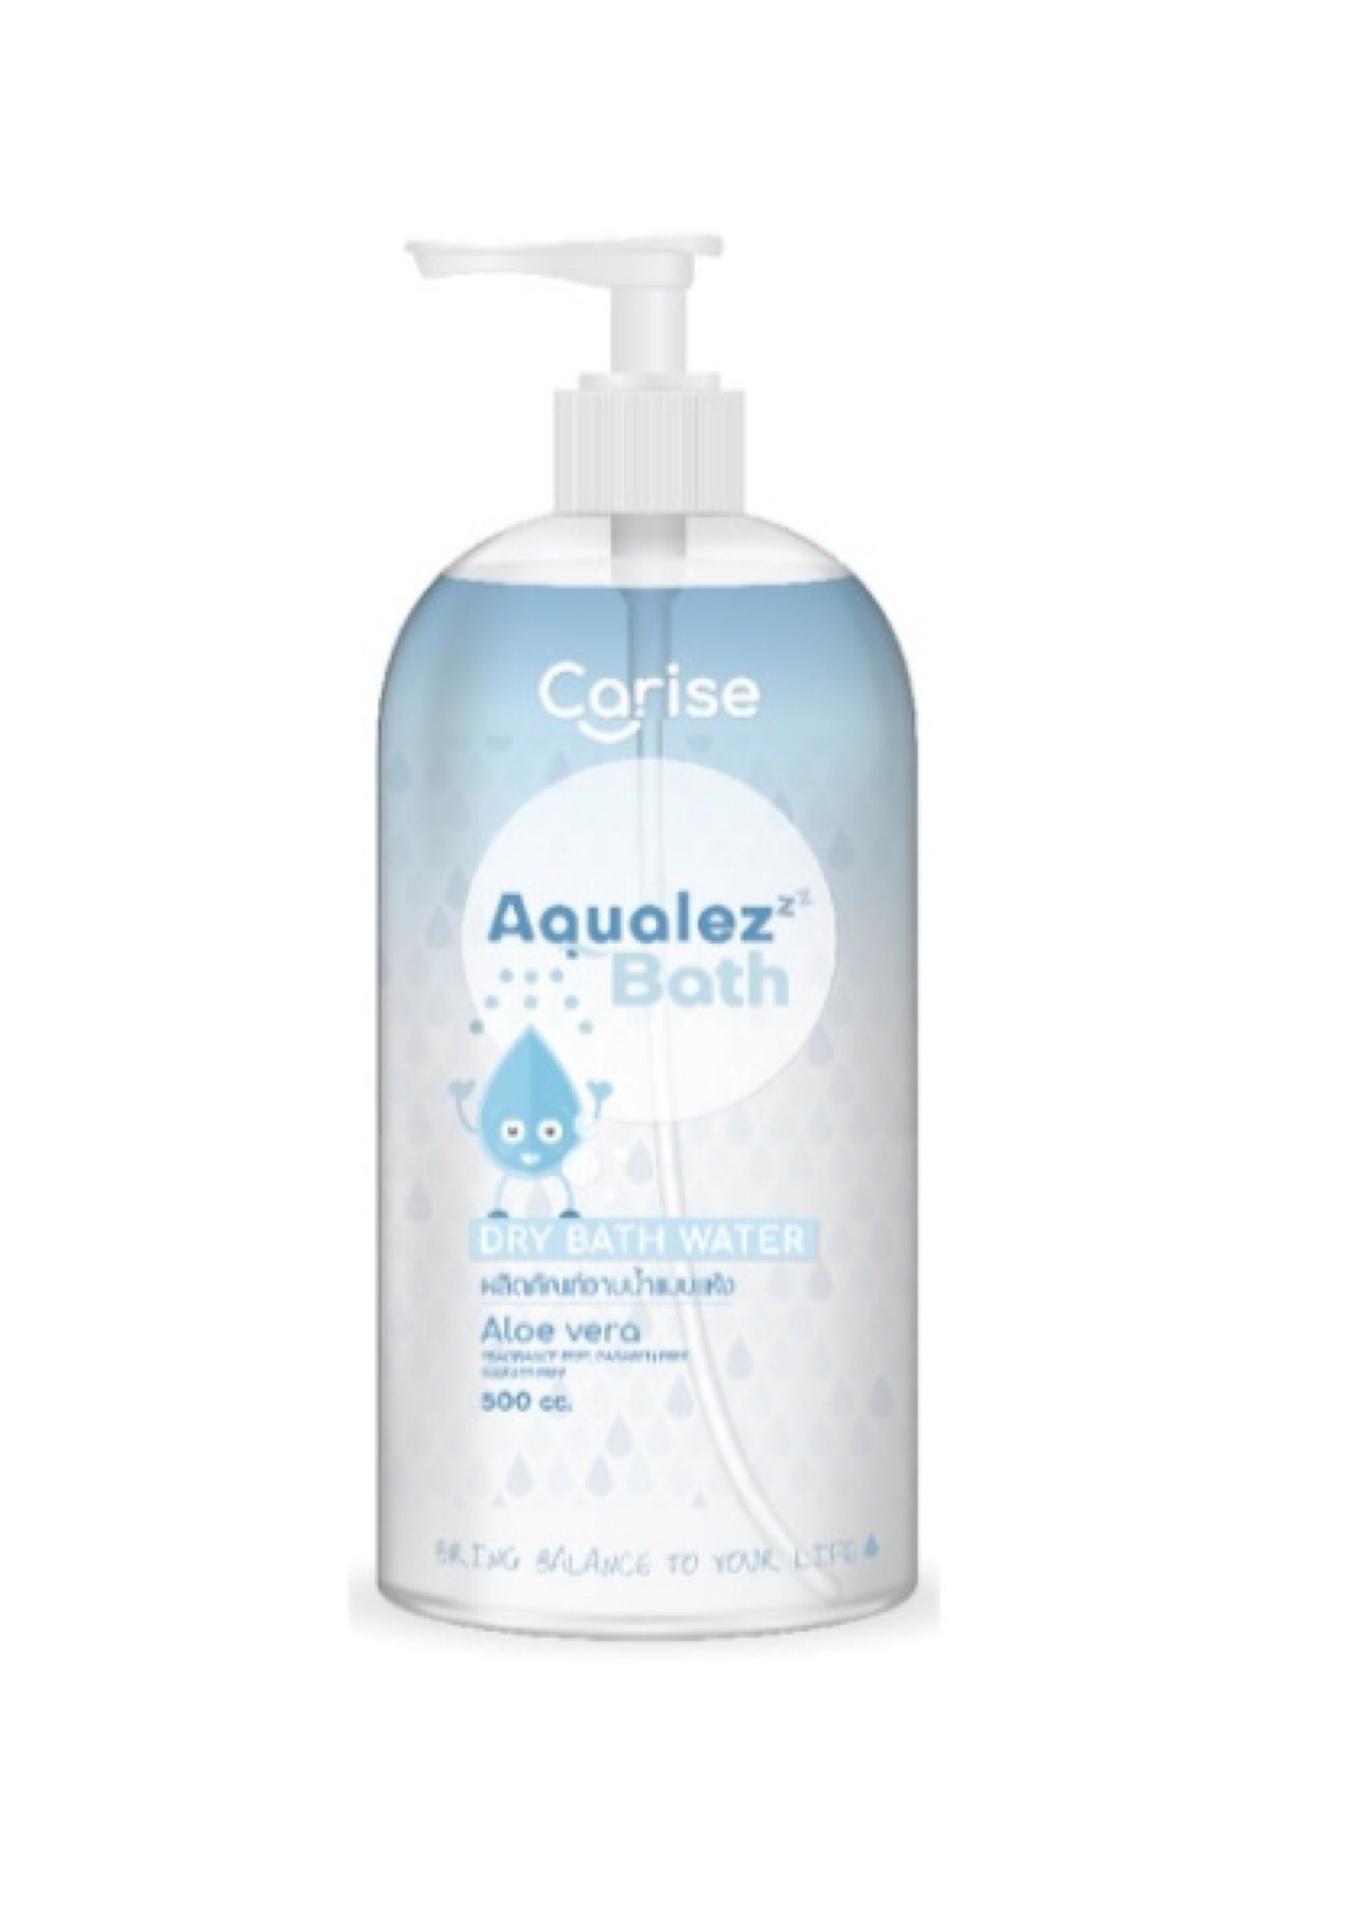 Aqualezz Bath